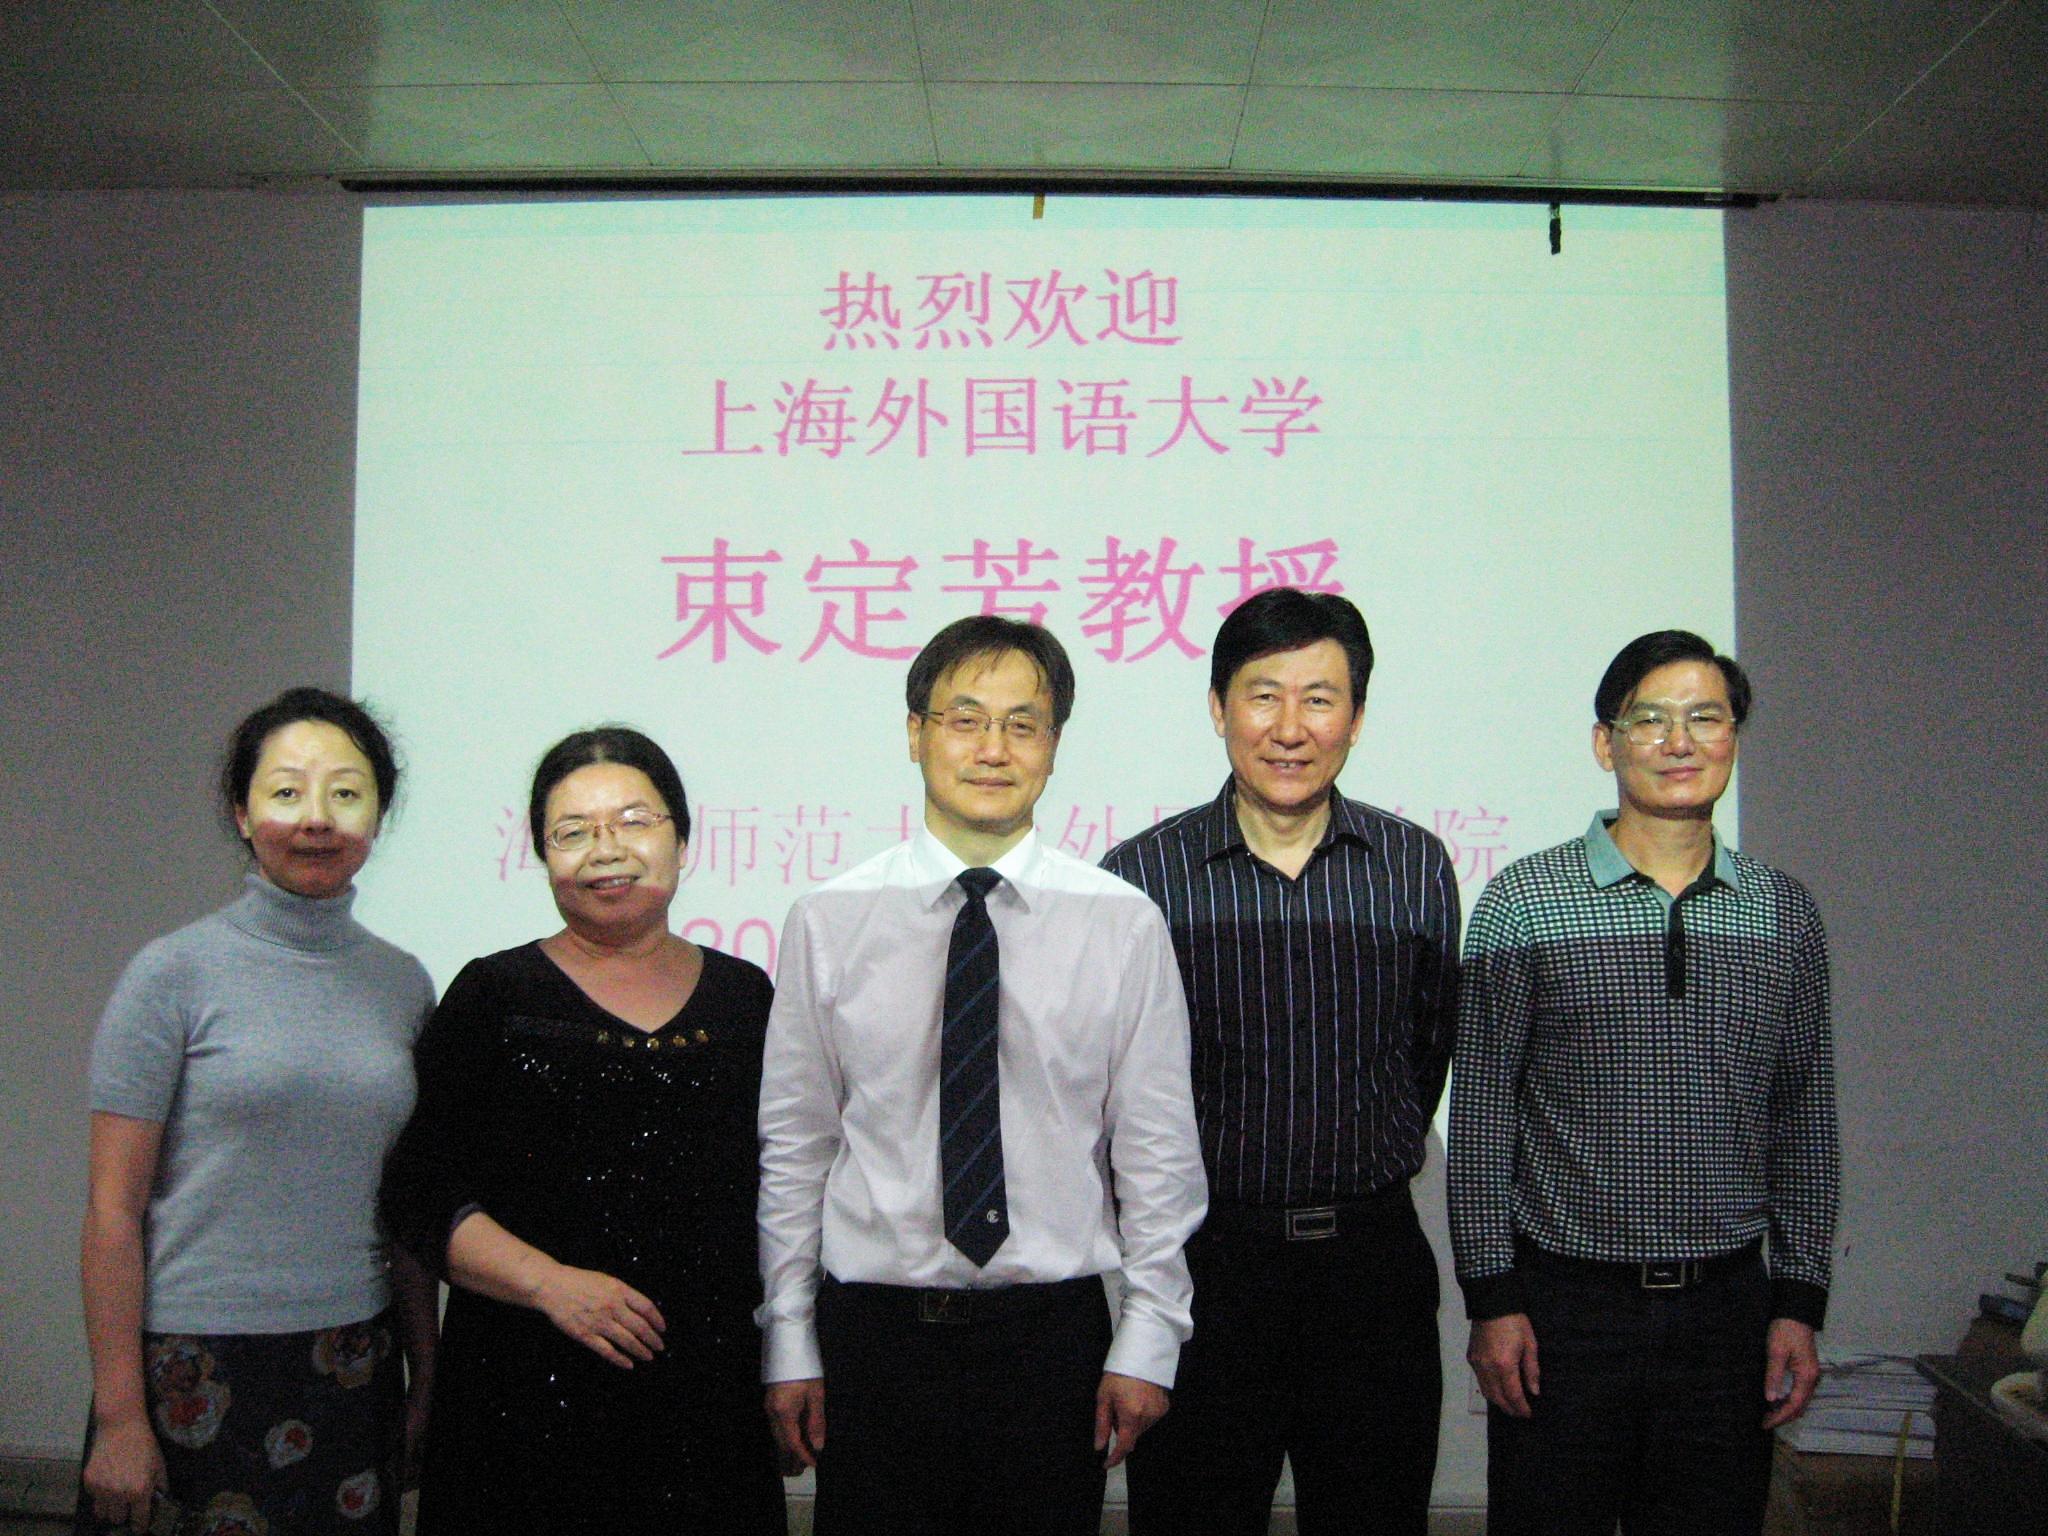 上海外国语大学博士生导师束定芳教授来我院讲学